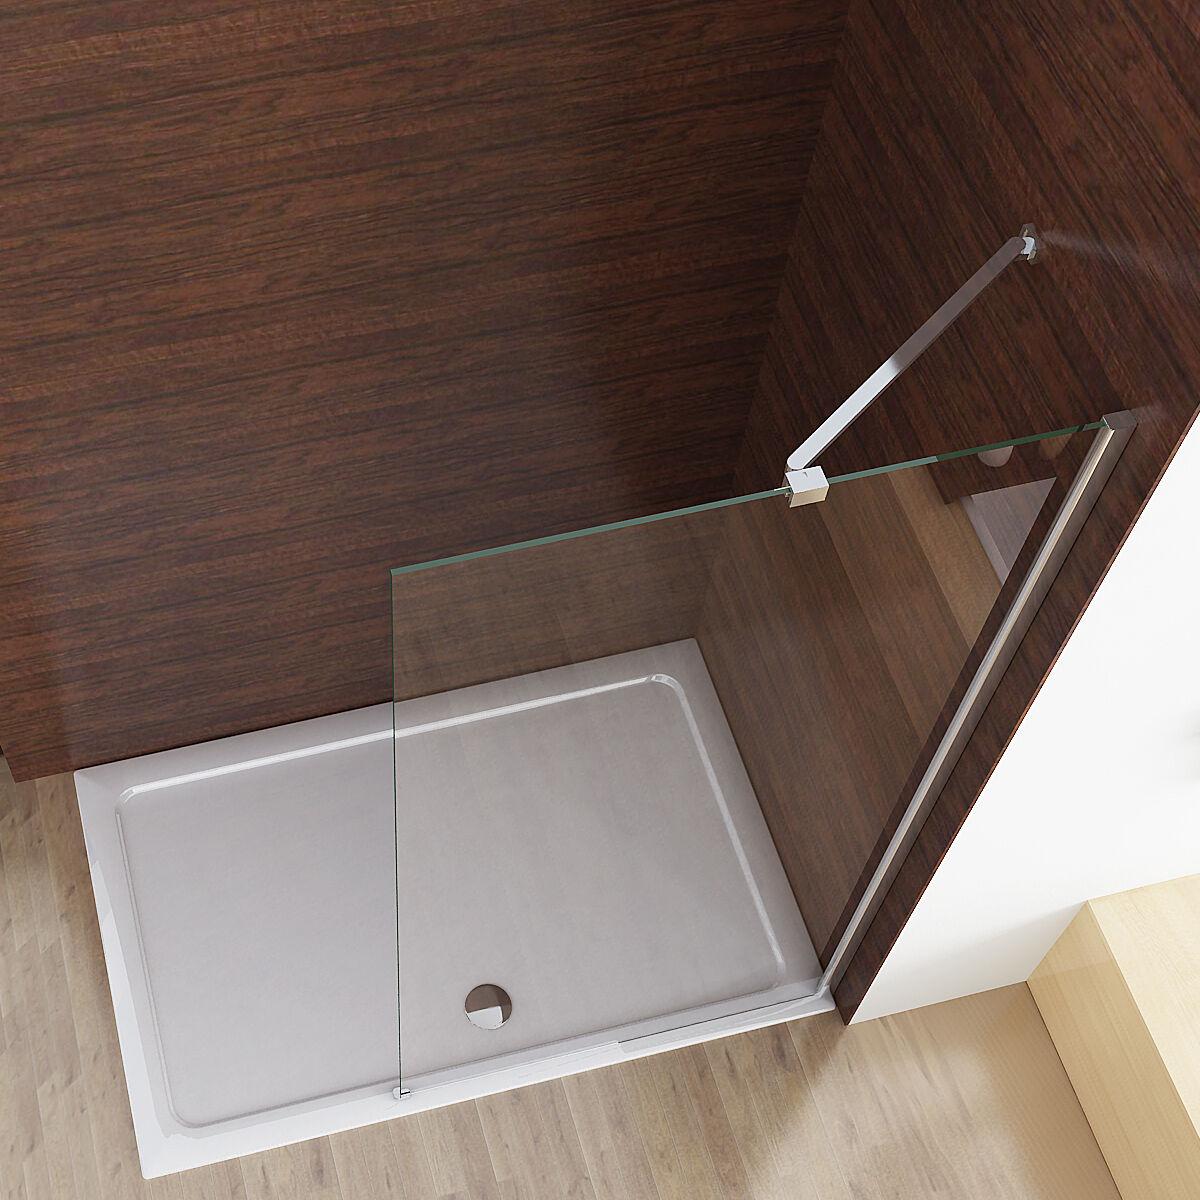 walk in dusche seitenwand duschwand duschtrennwand duschabtrennung nano esg glas ebay. Black Bedroom Furniture Sets. Home Design Ideas